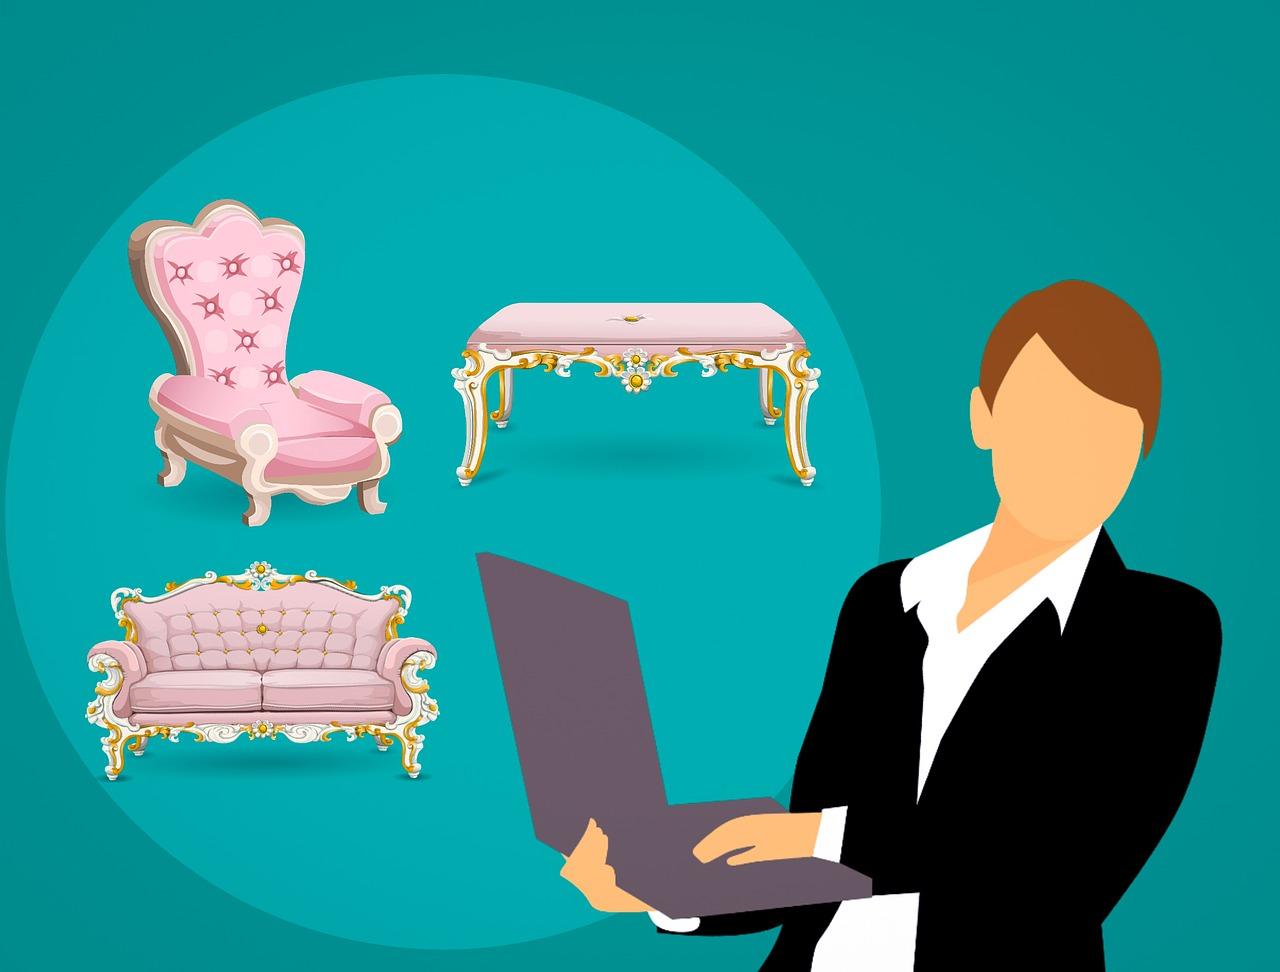 הכירו את חנויות הרהיטים הגדולות בעולם